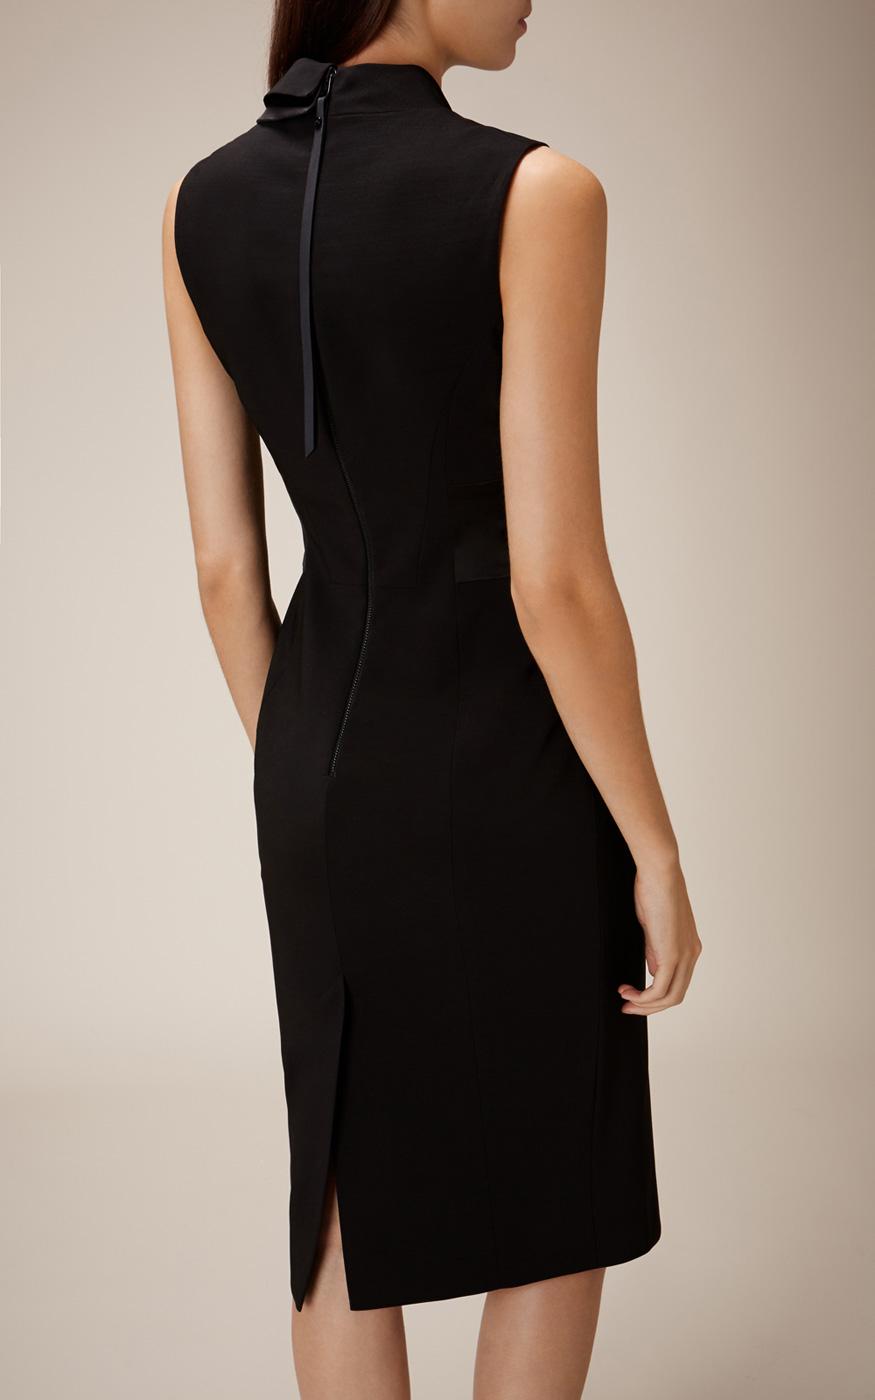 Karen Millen Tuxedo Pencil Dress In Black Lyst